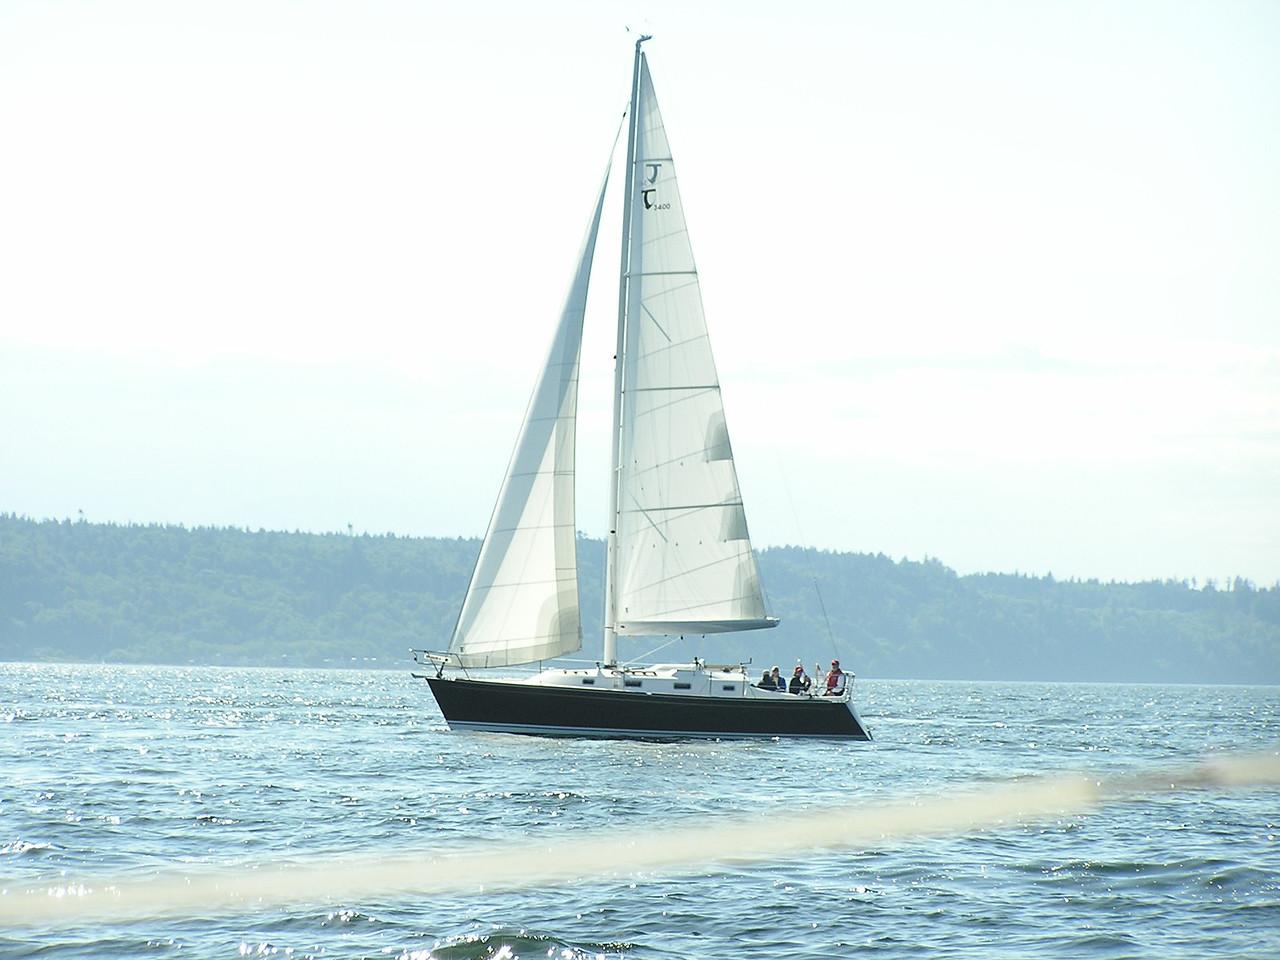 07 05 28 sail 016